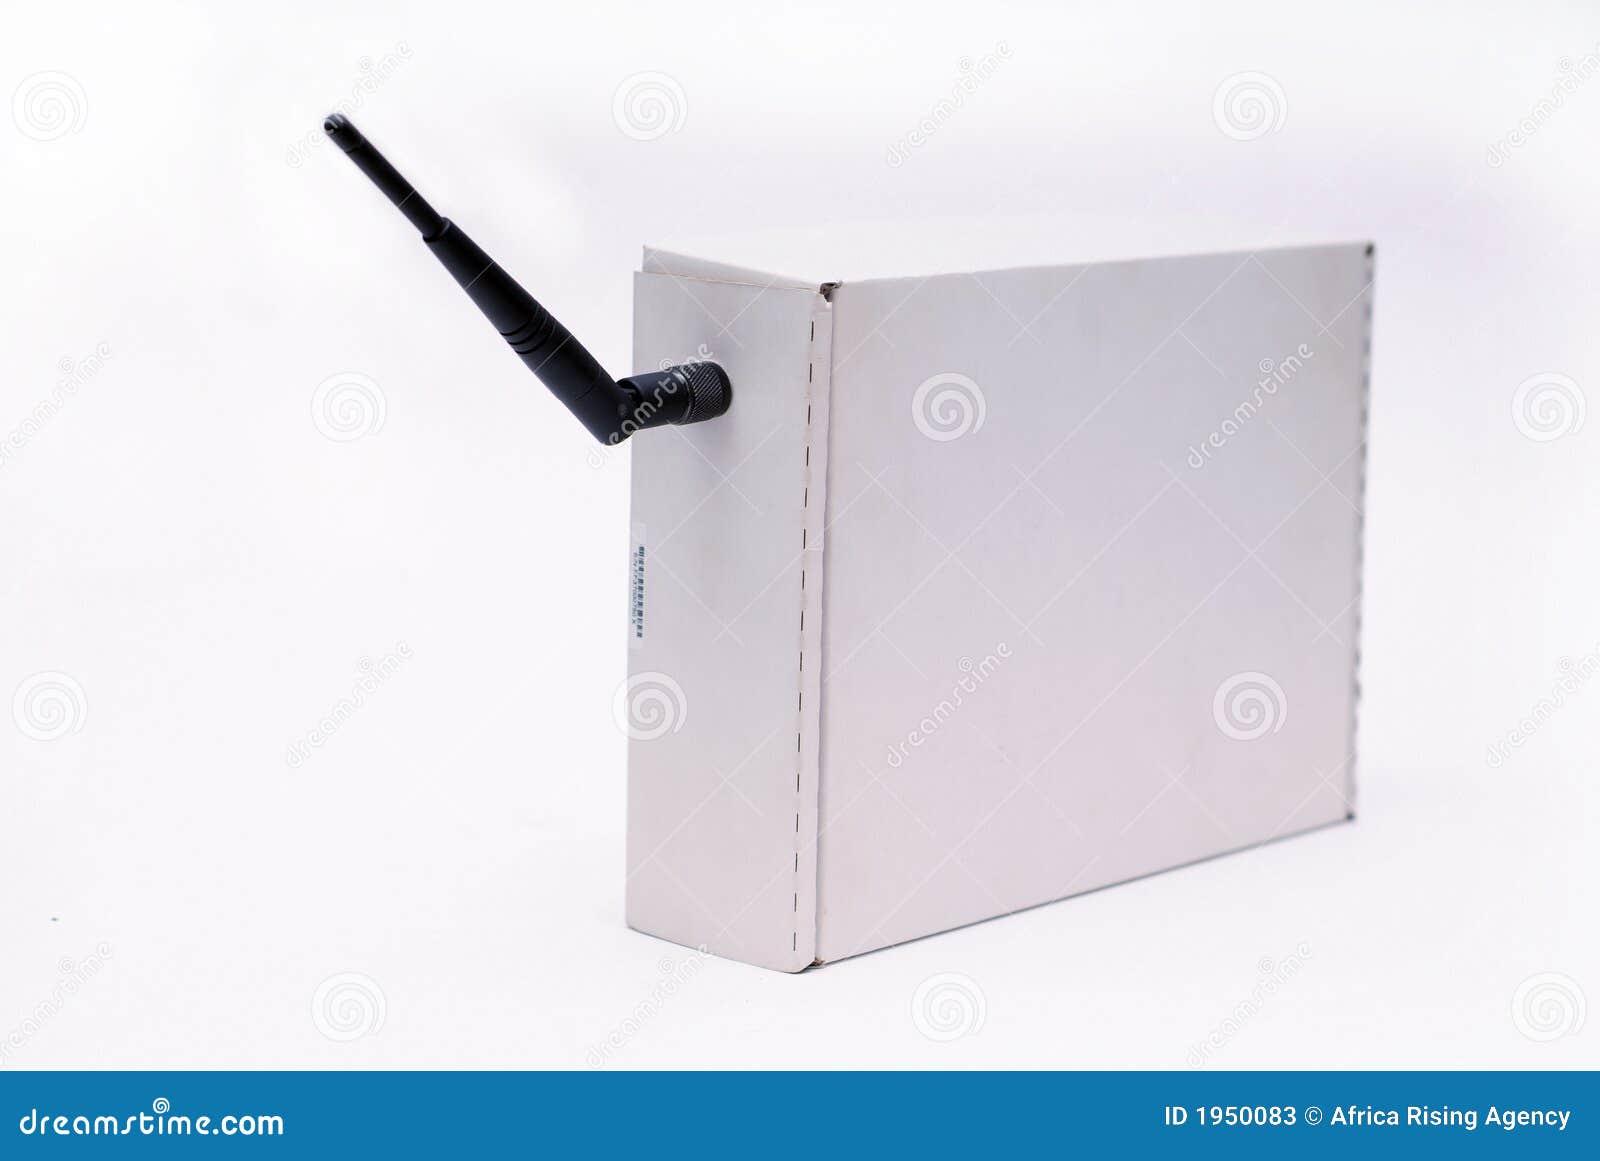 1配件箱配电器rfid